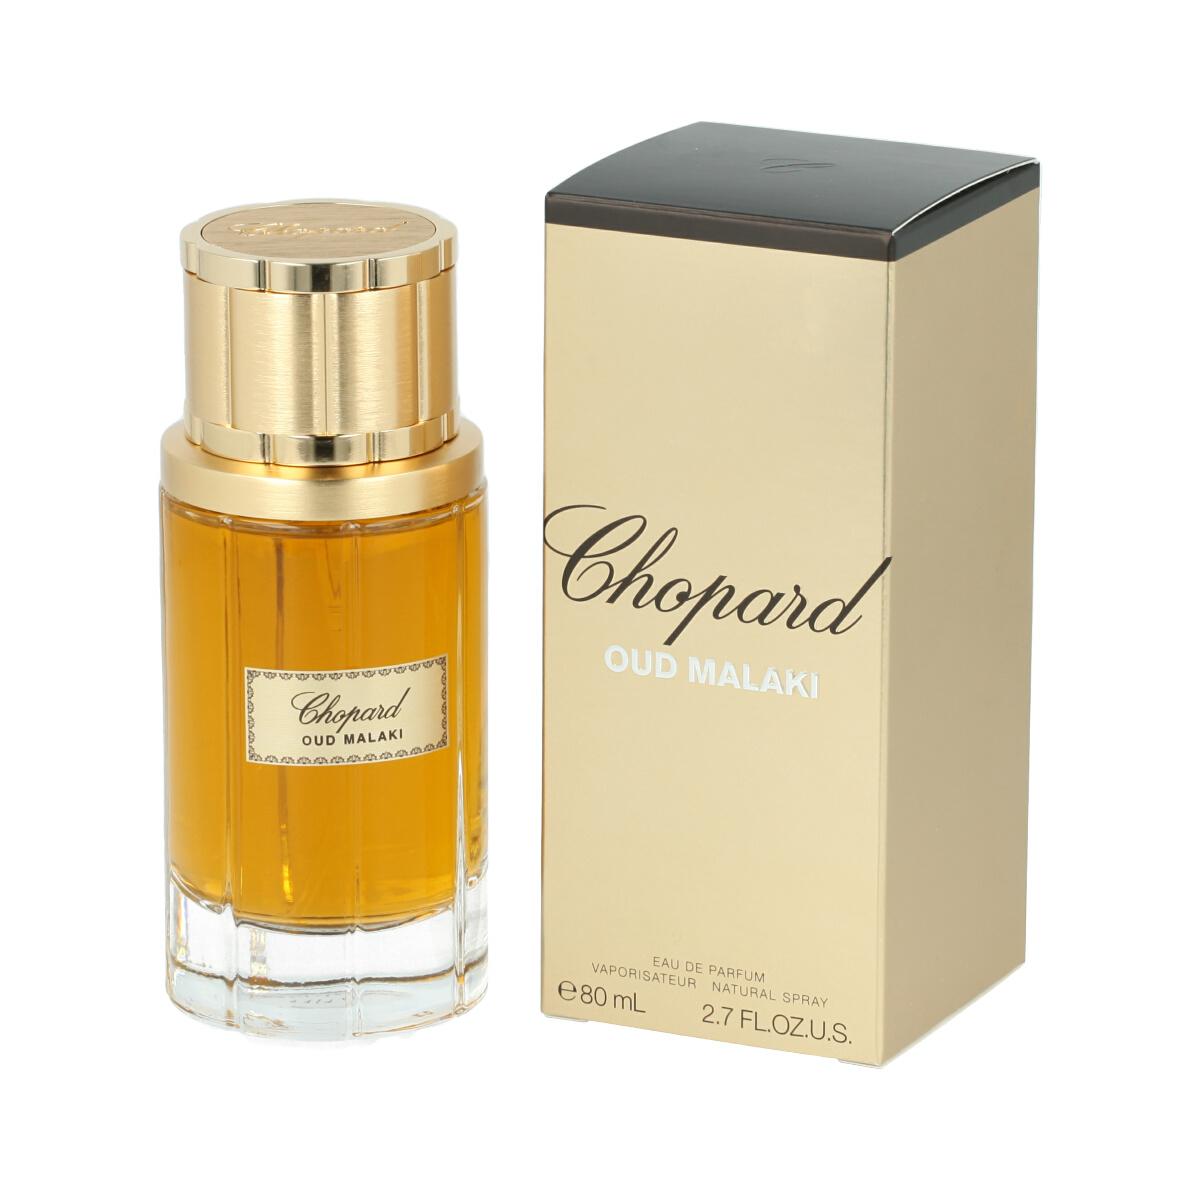 Chopard Oud Malaki Eau De Parfum 80 ml (man) 13201